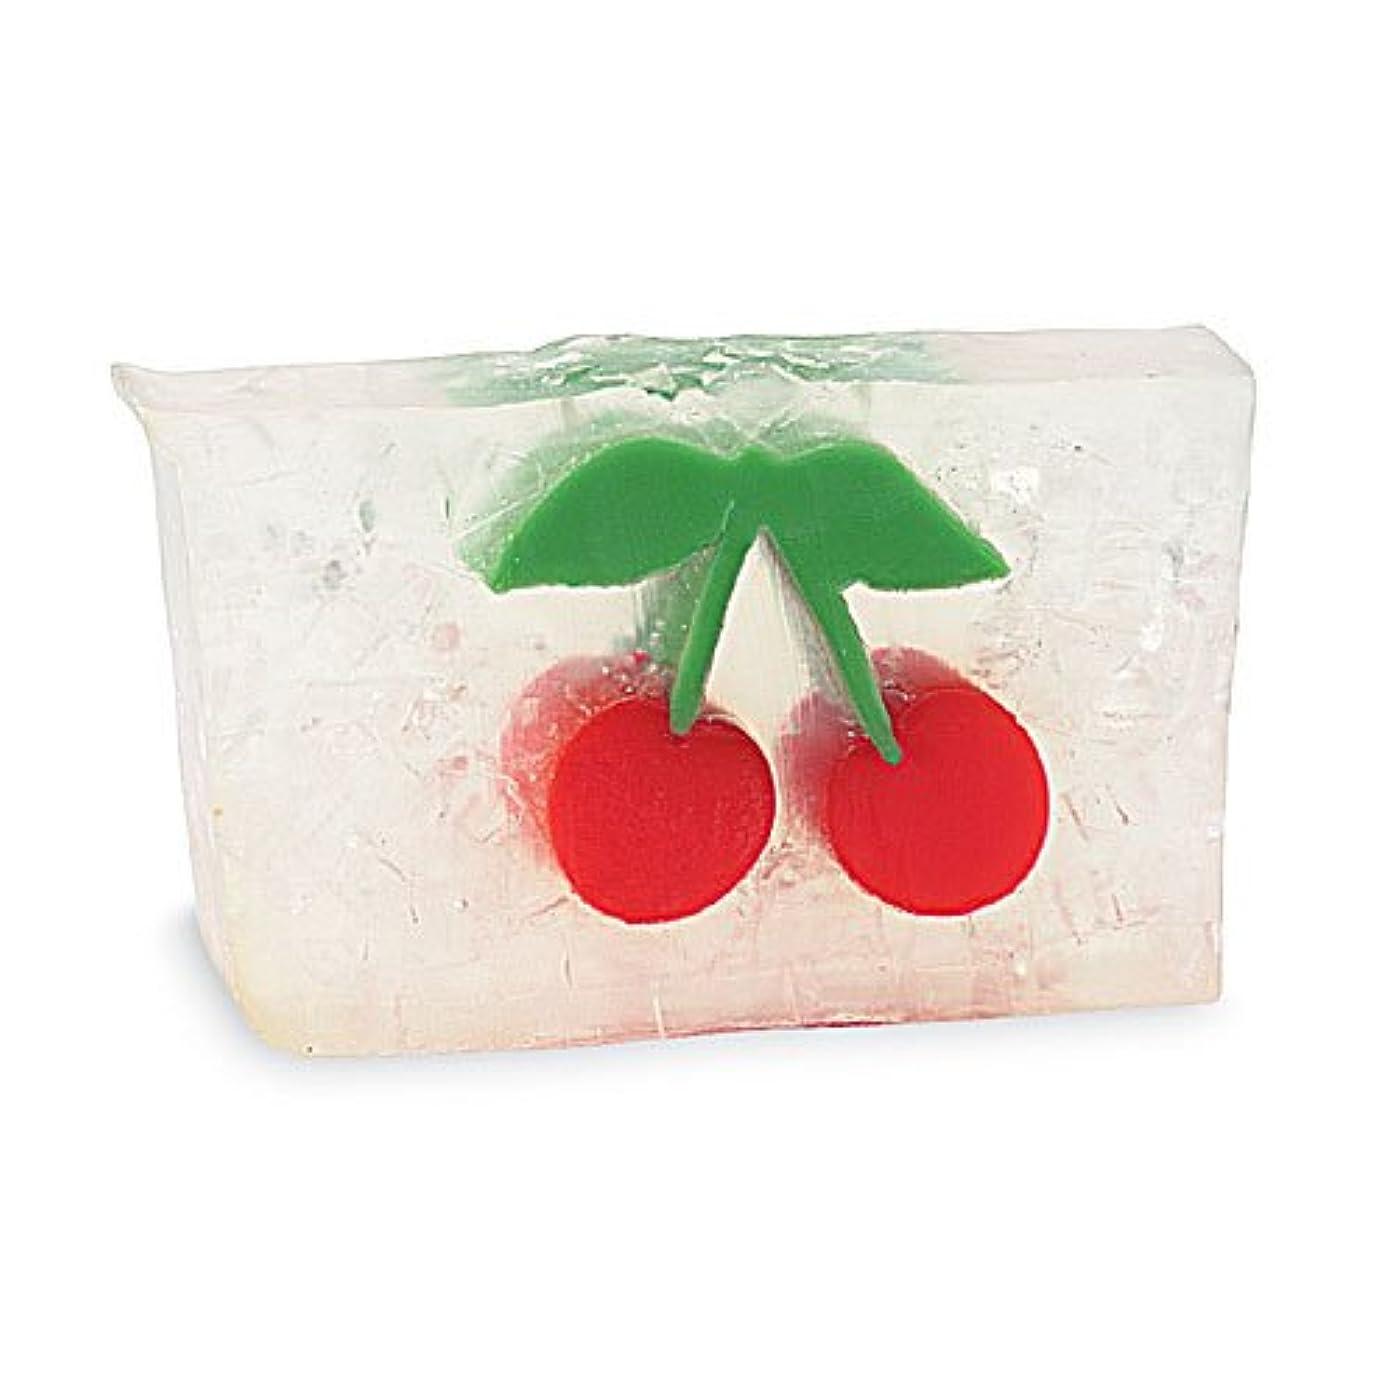 仲良し実業家アクチュエータプライモールエレメンツ アロマティック ソープ チェリー 180g 植物性 ナチュラル 石鹸 無添加